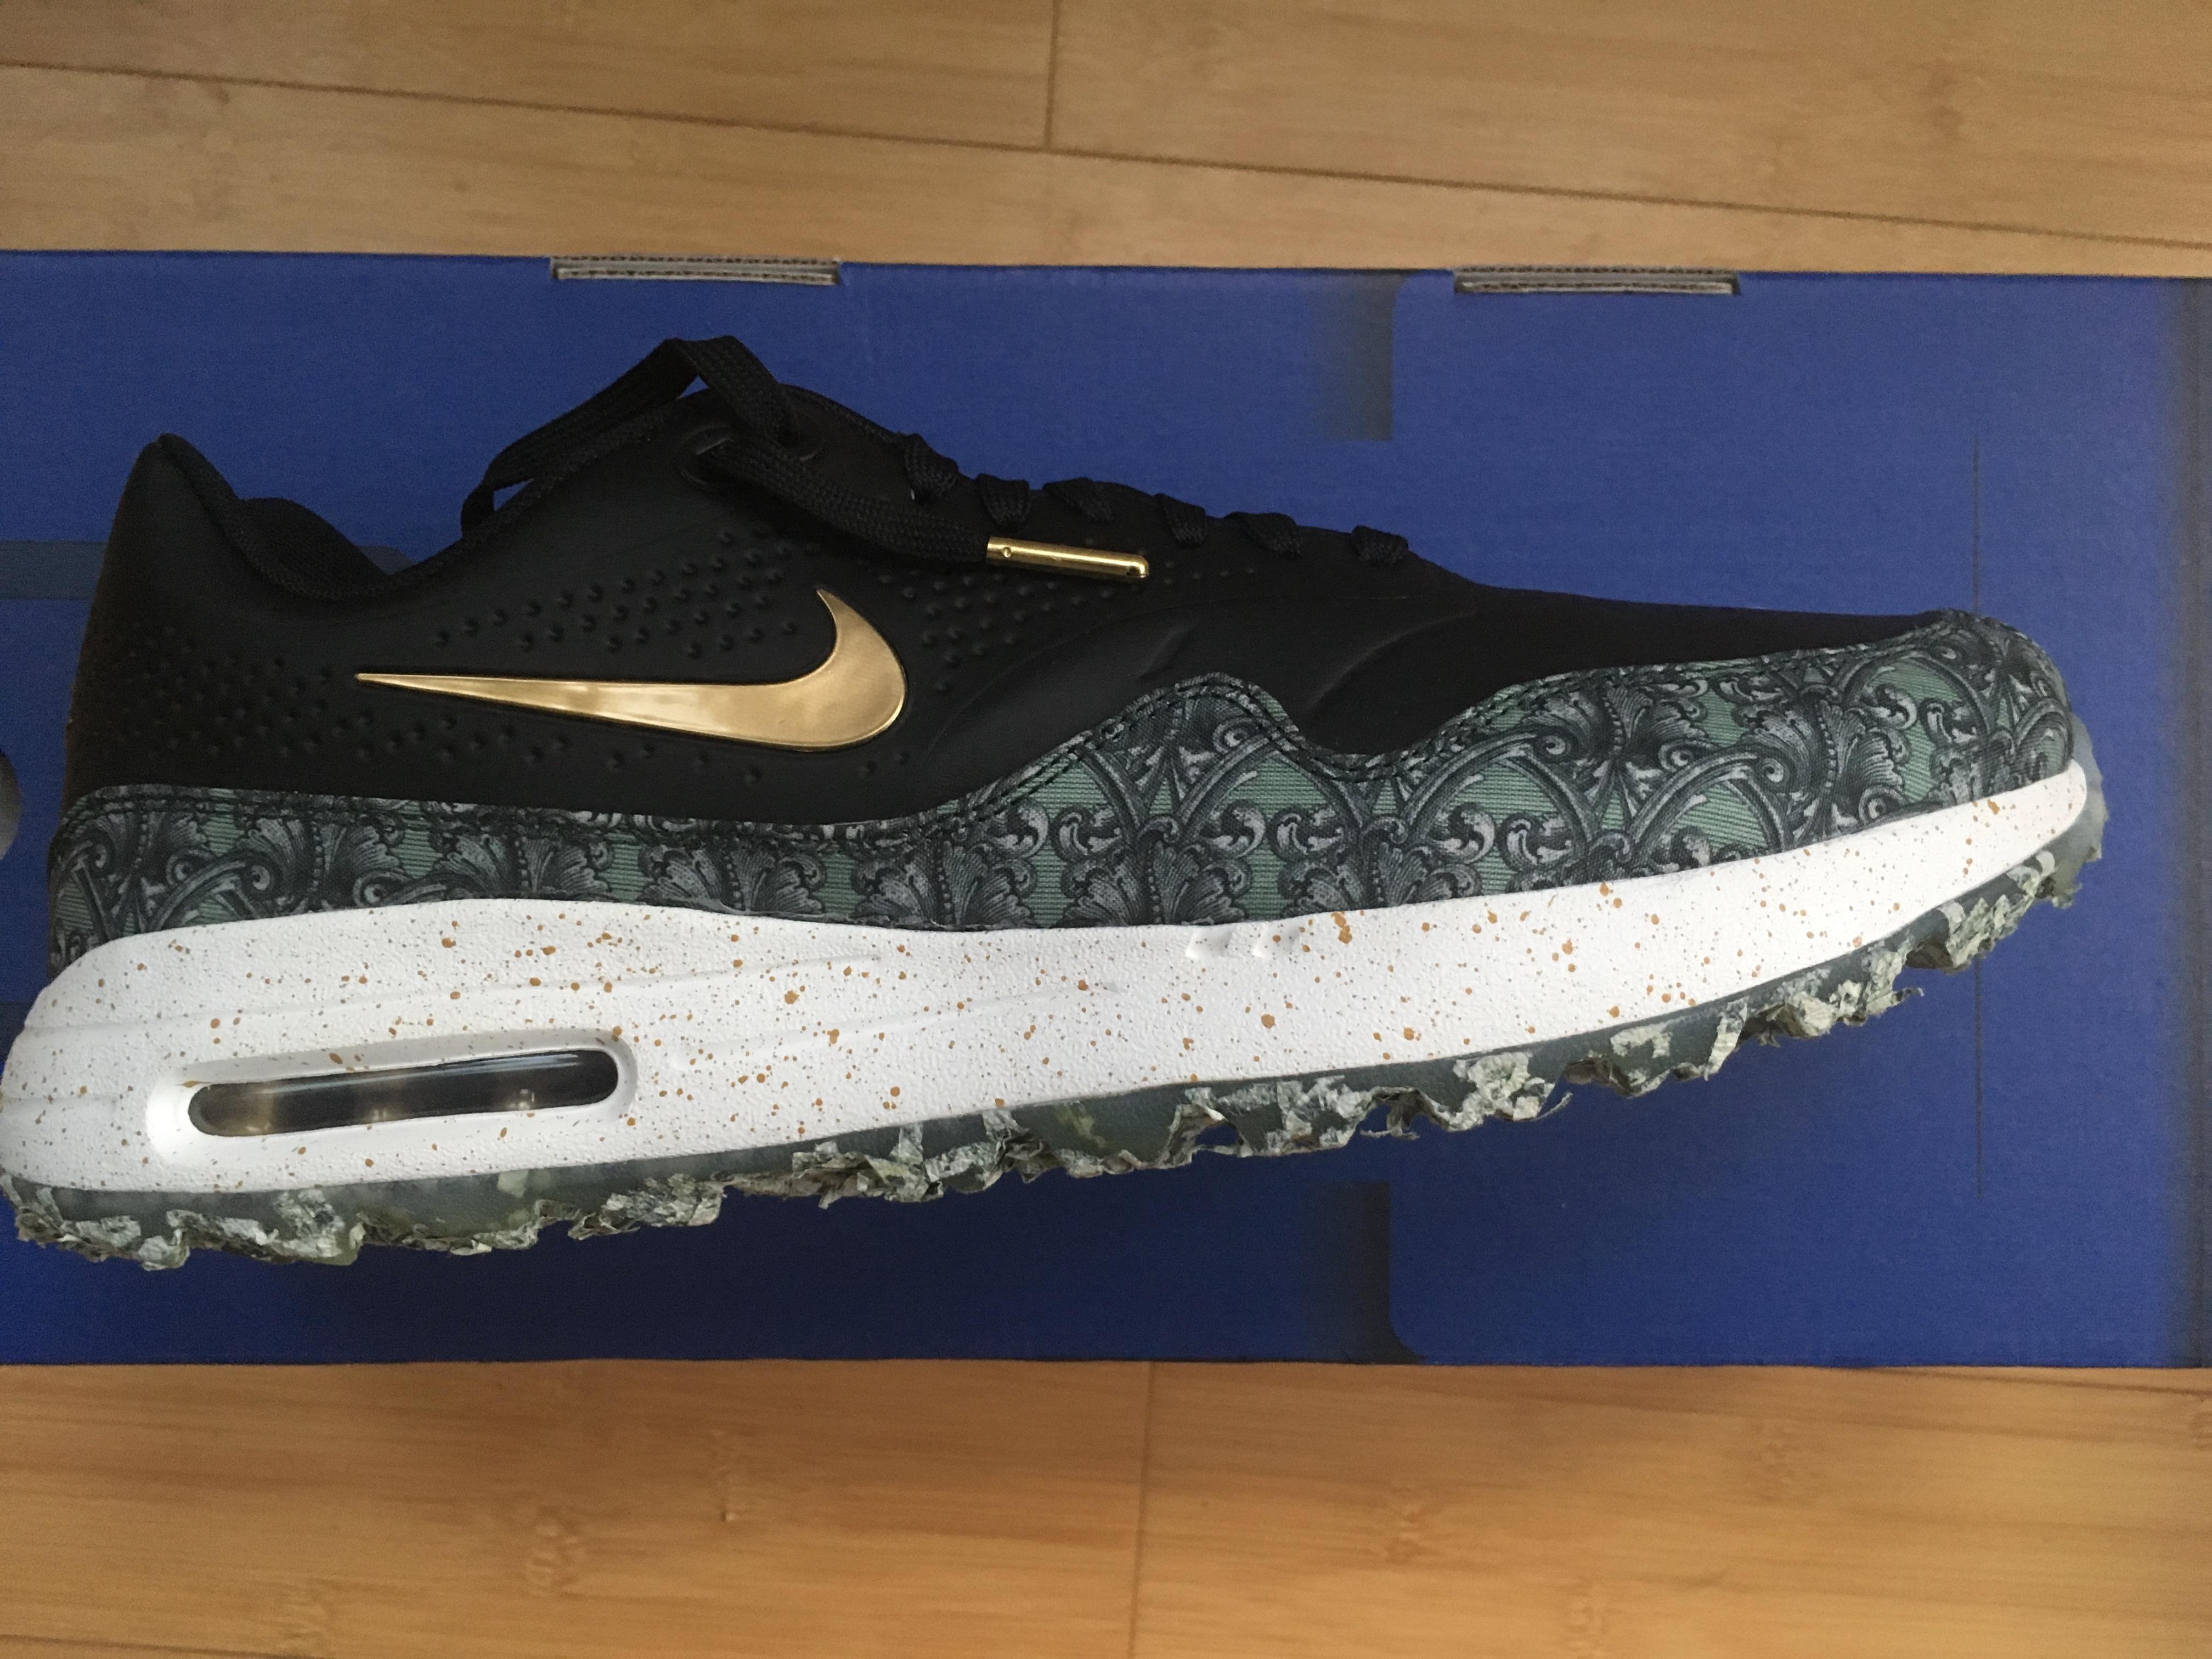 2a7160ad2370 Nike Air Max 1 G  Bringing the High Heat